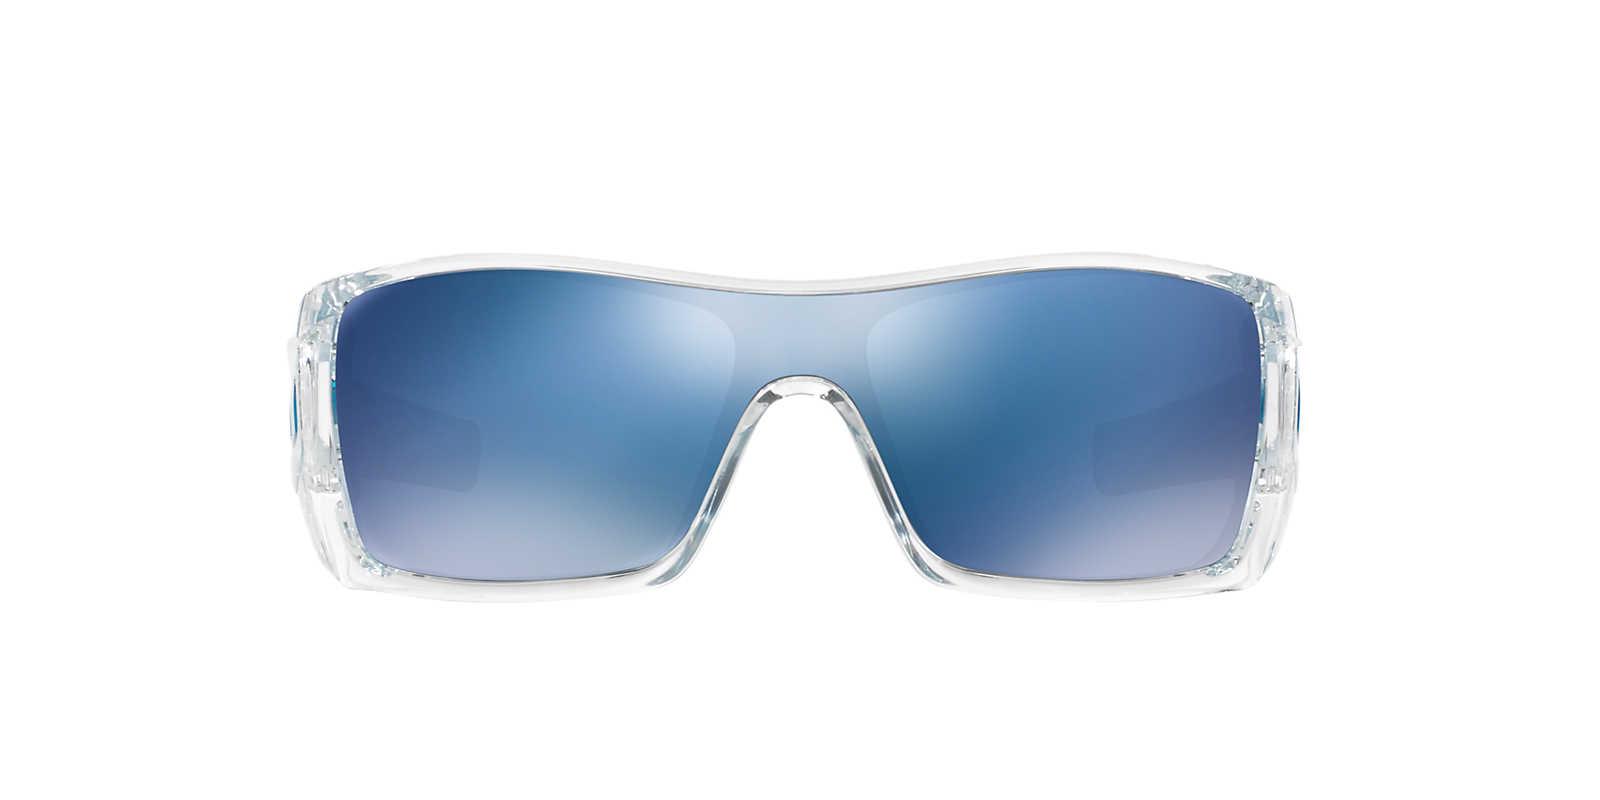 oakley batwolf sunglasses south africa  oakley clear oo9101 batwolf blue lenses 27mm